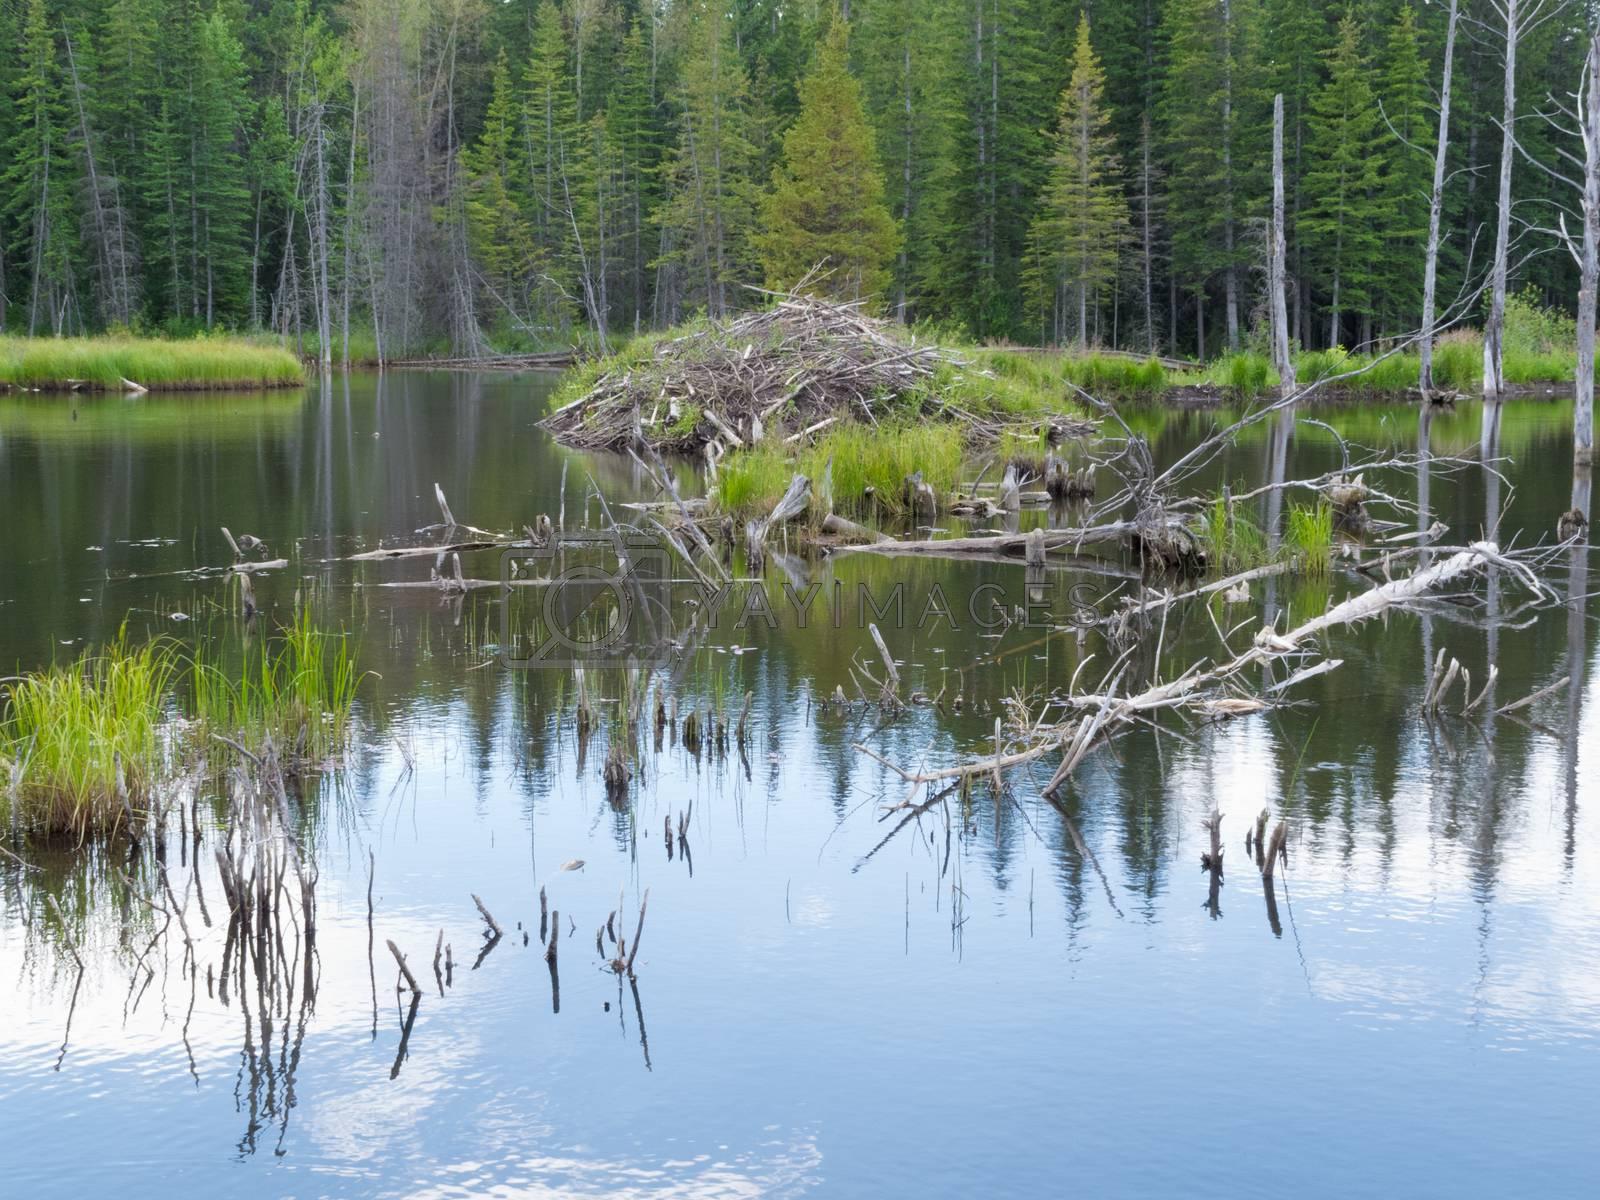 Taiga wetlands beaver lodge Castor canadensis by PiLens